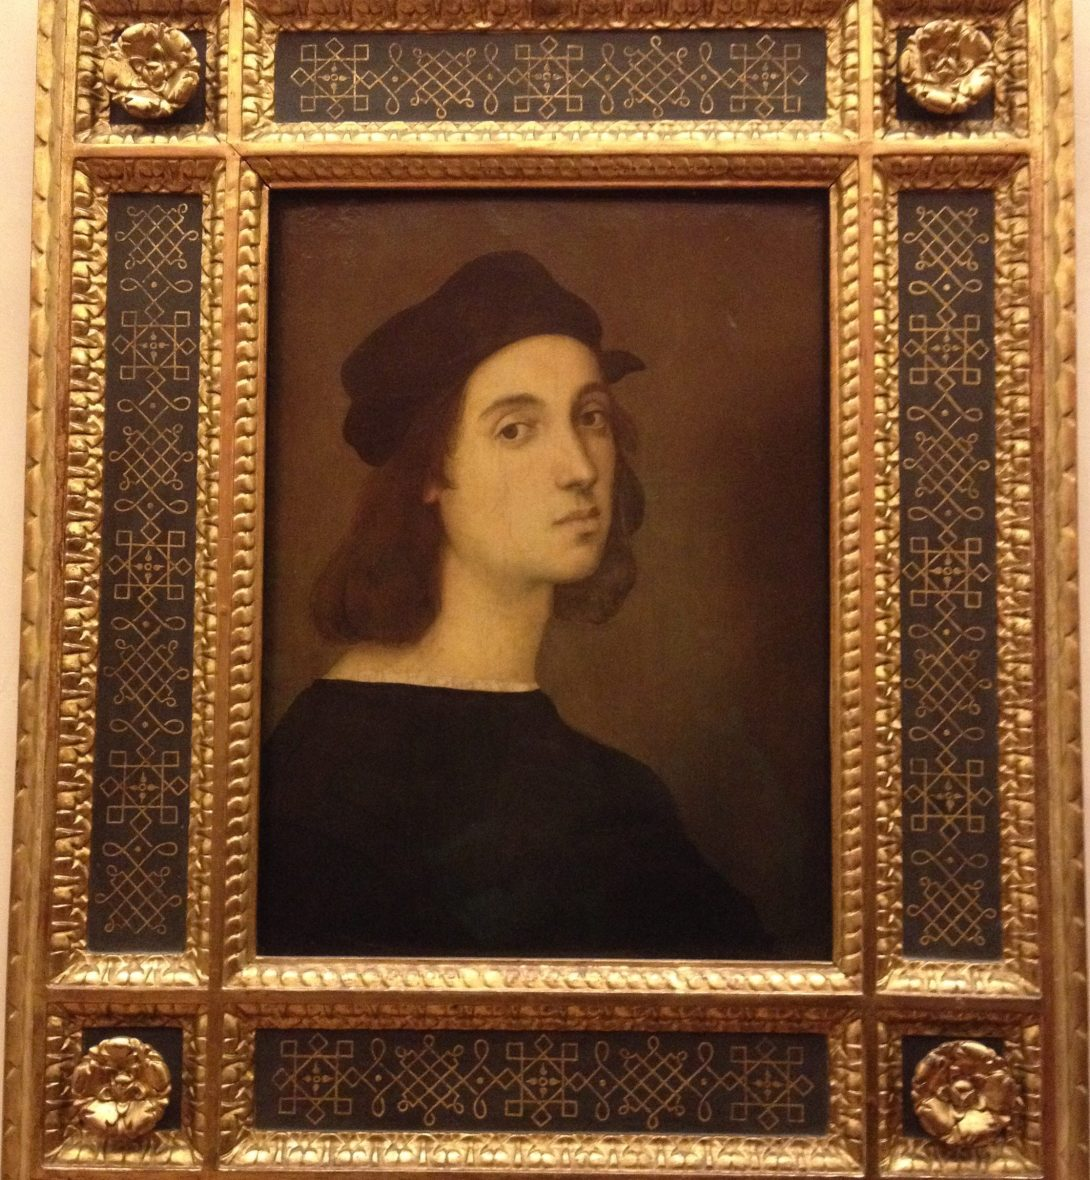 自画像 ラファエロ・サンツィオ, 1504-06 ウフィツィ美術館, フィレンツェ